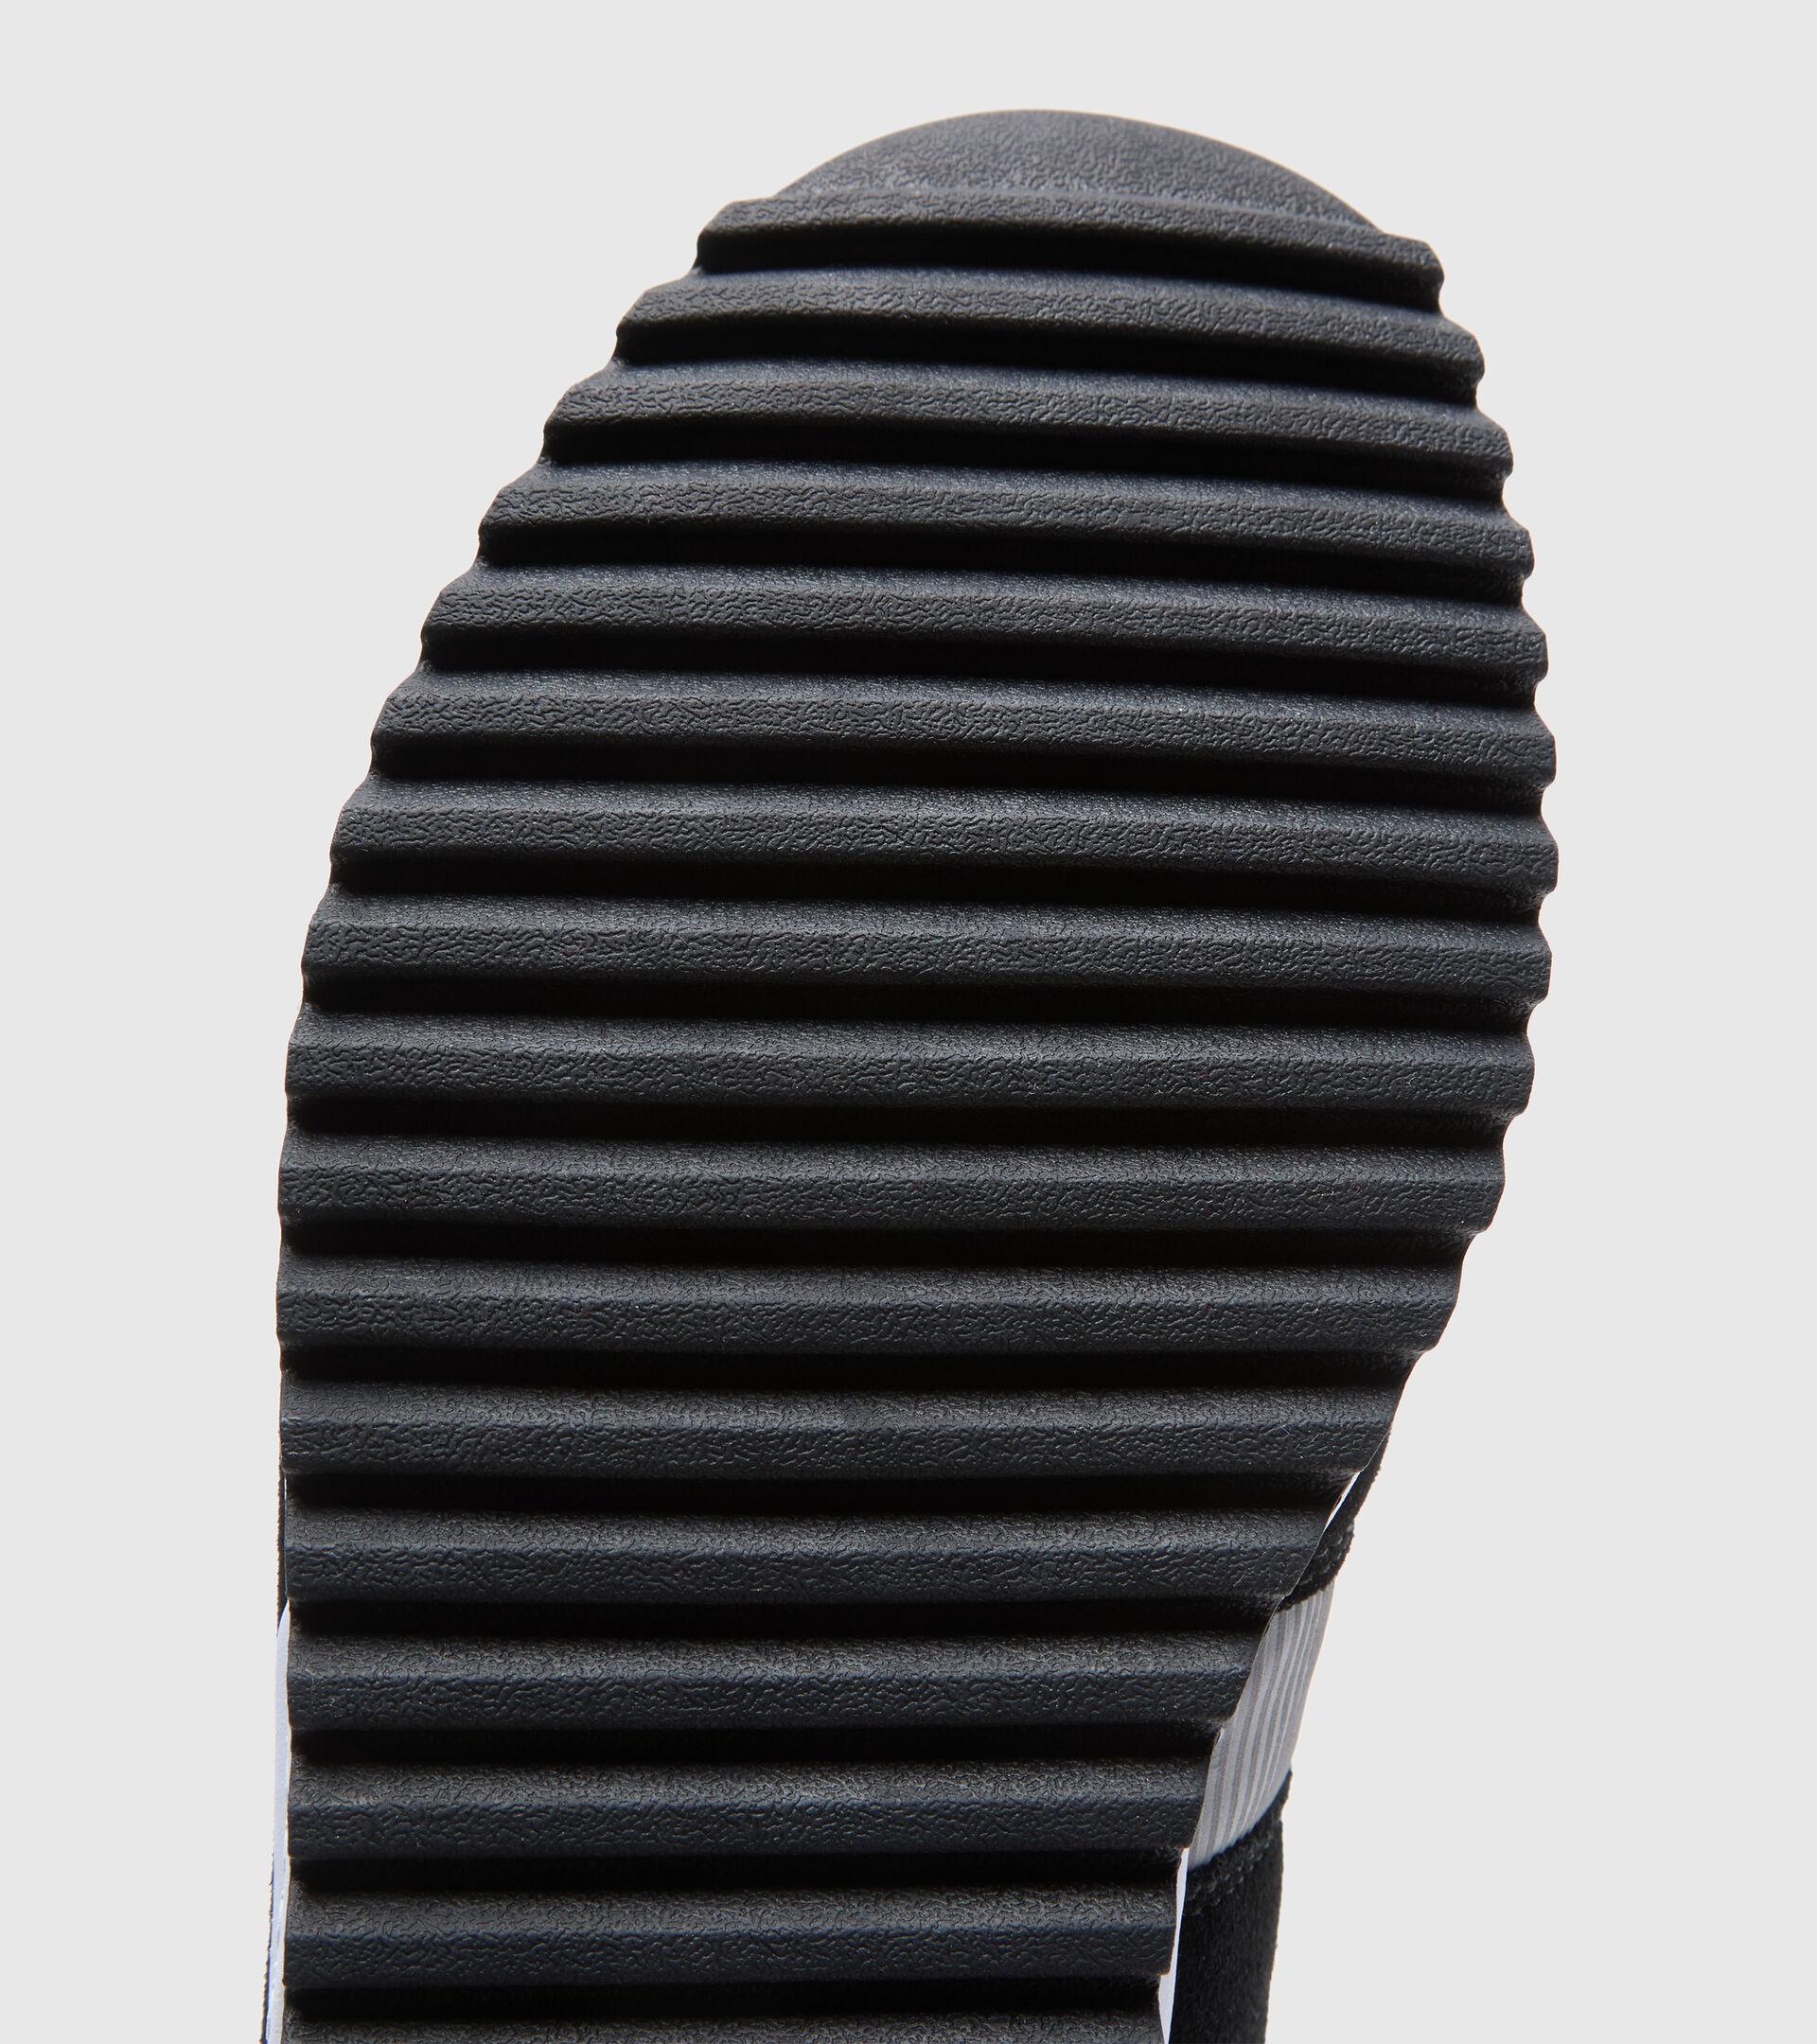 Sportschuh - Unisex N902 OFF ROAD NERO/GRIGIO PELTRO (C3556) - Diadora